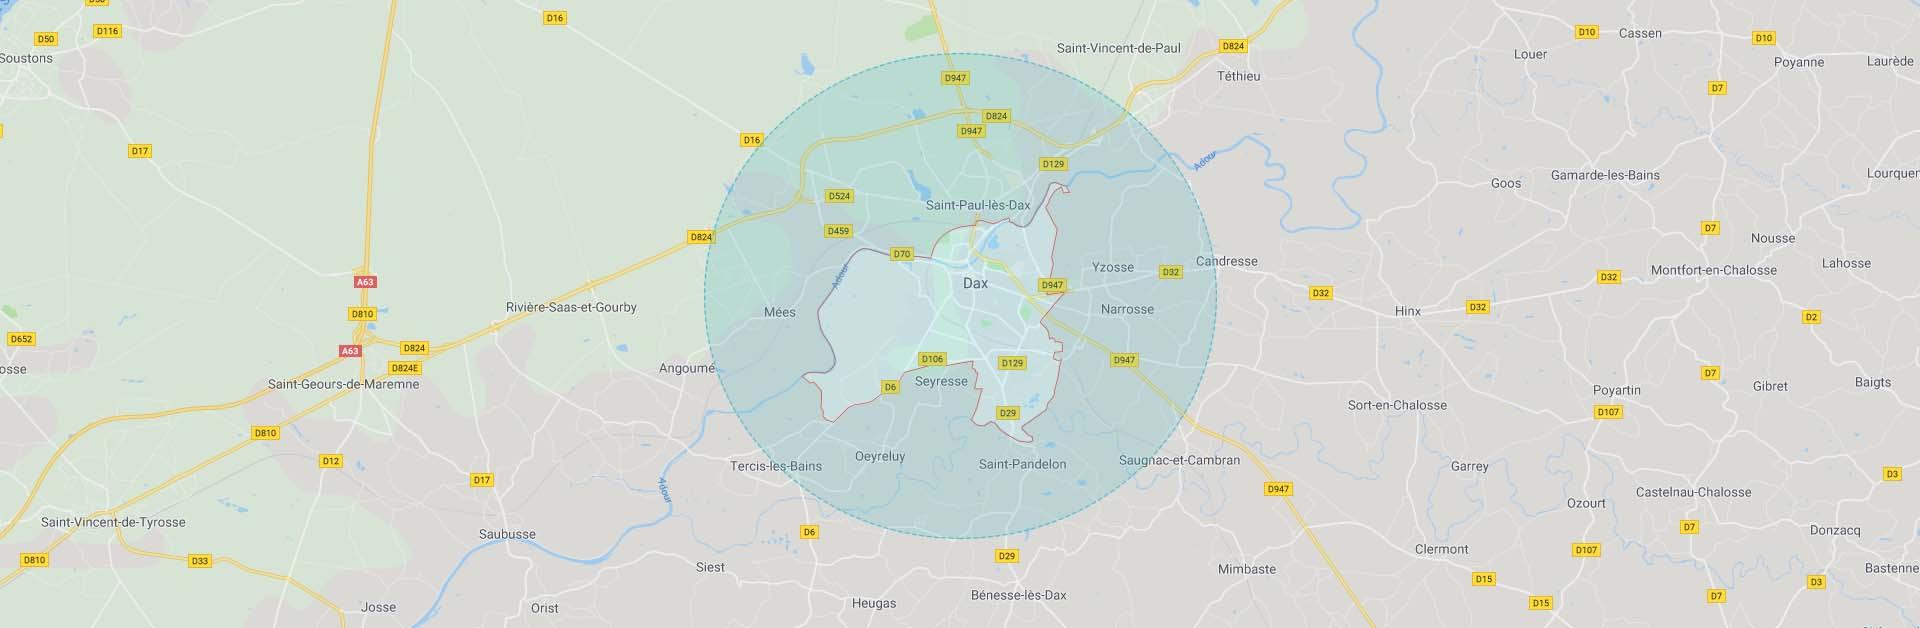 Soins d'urgence à Dax | Céline Mathlouthi